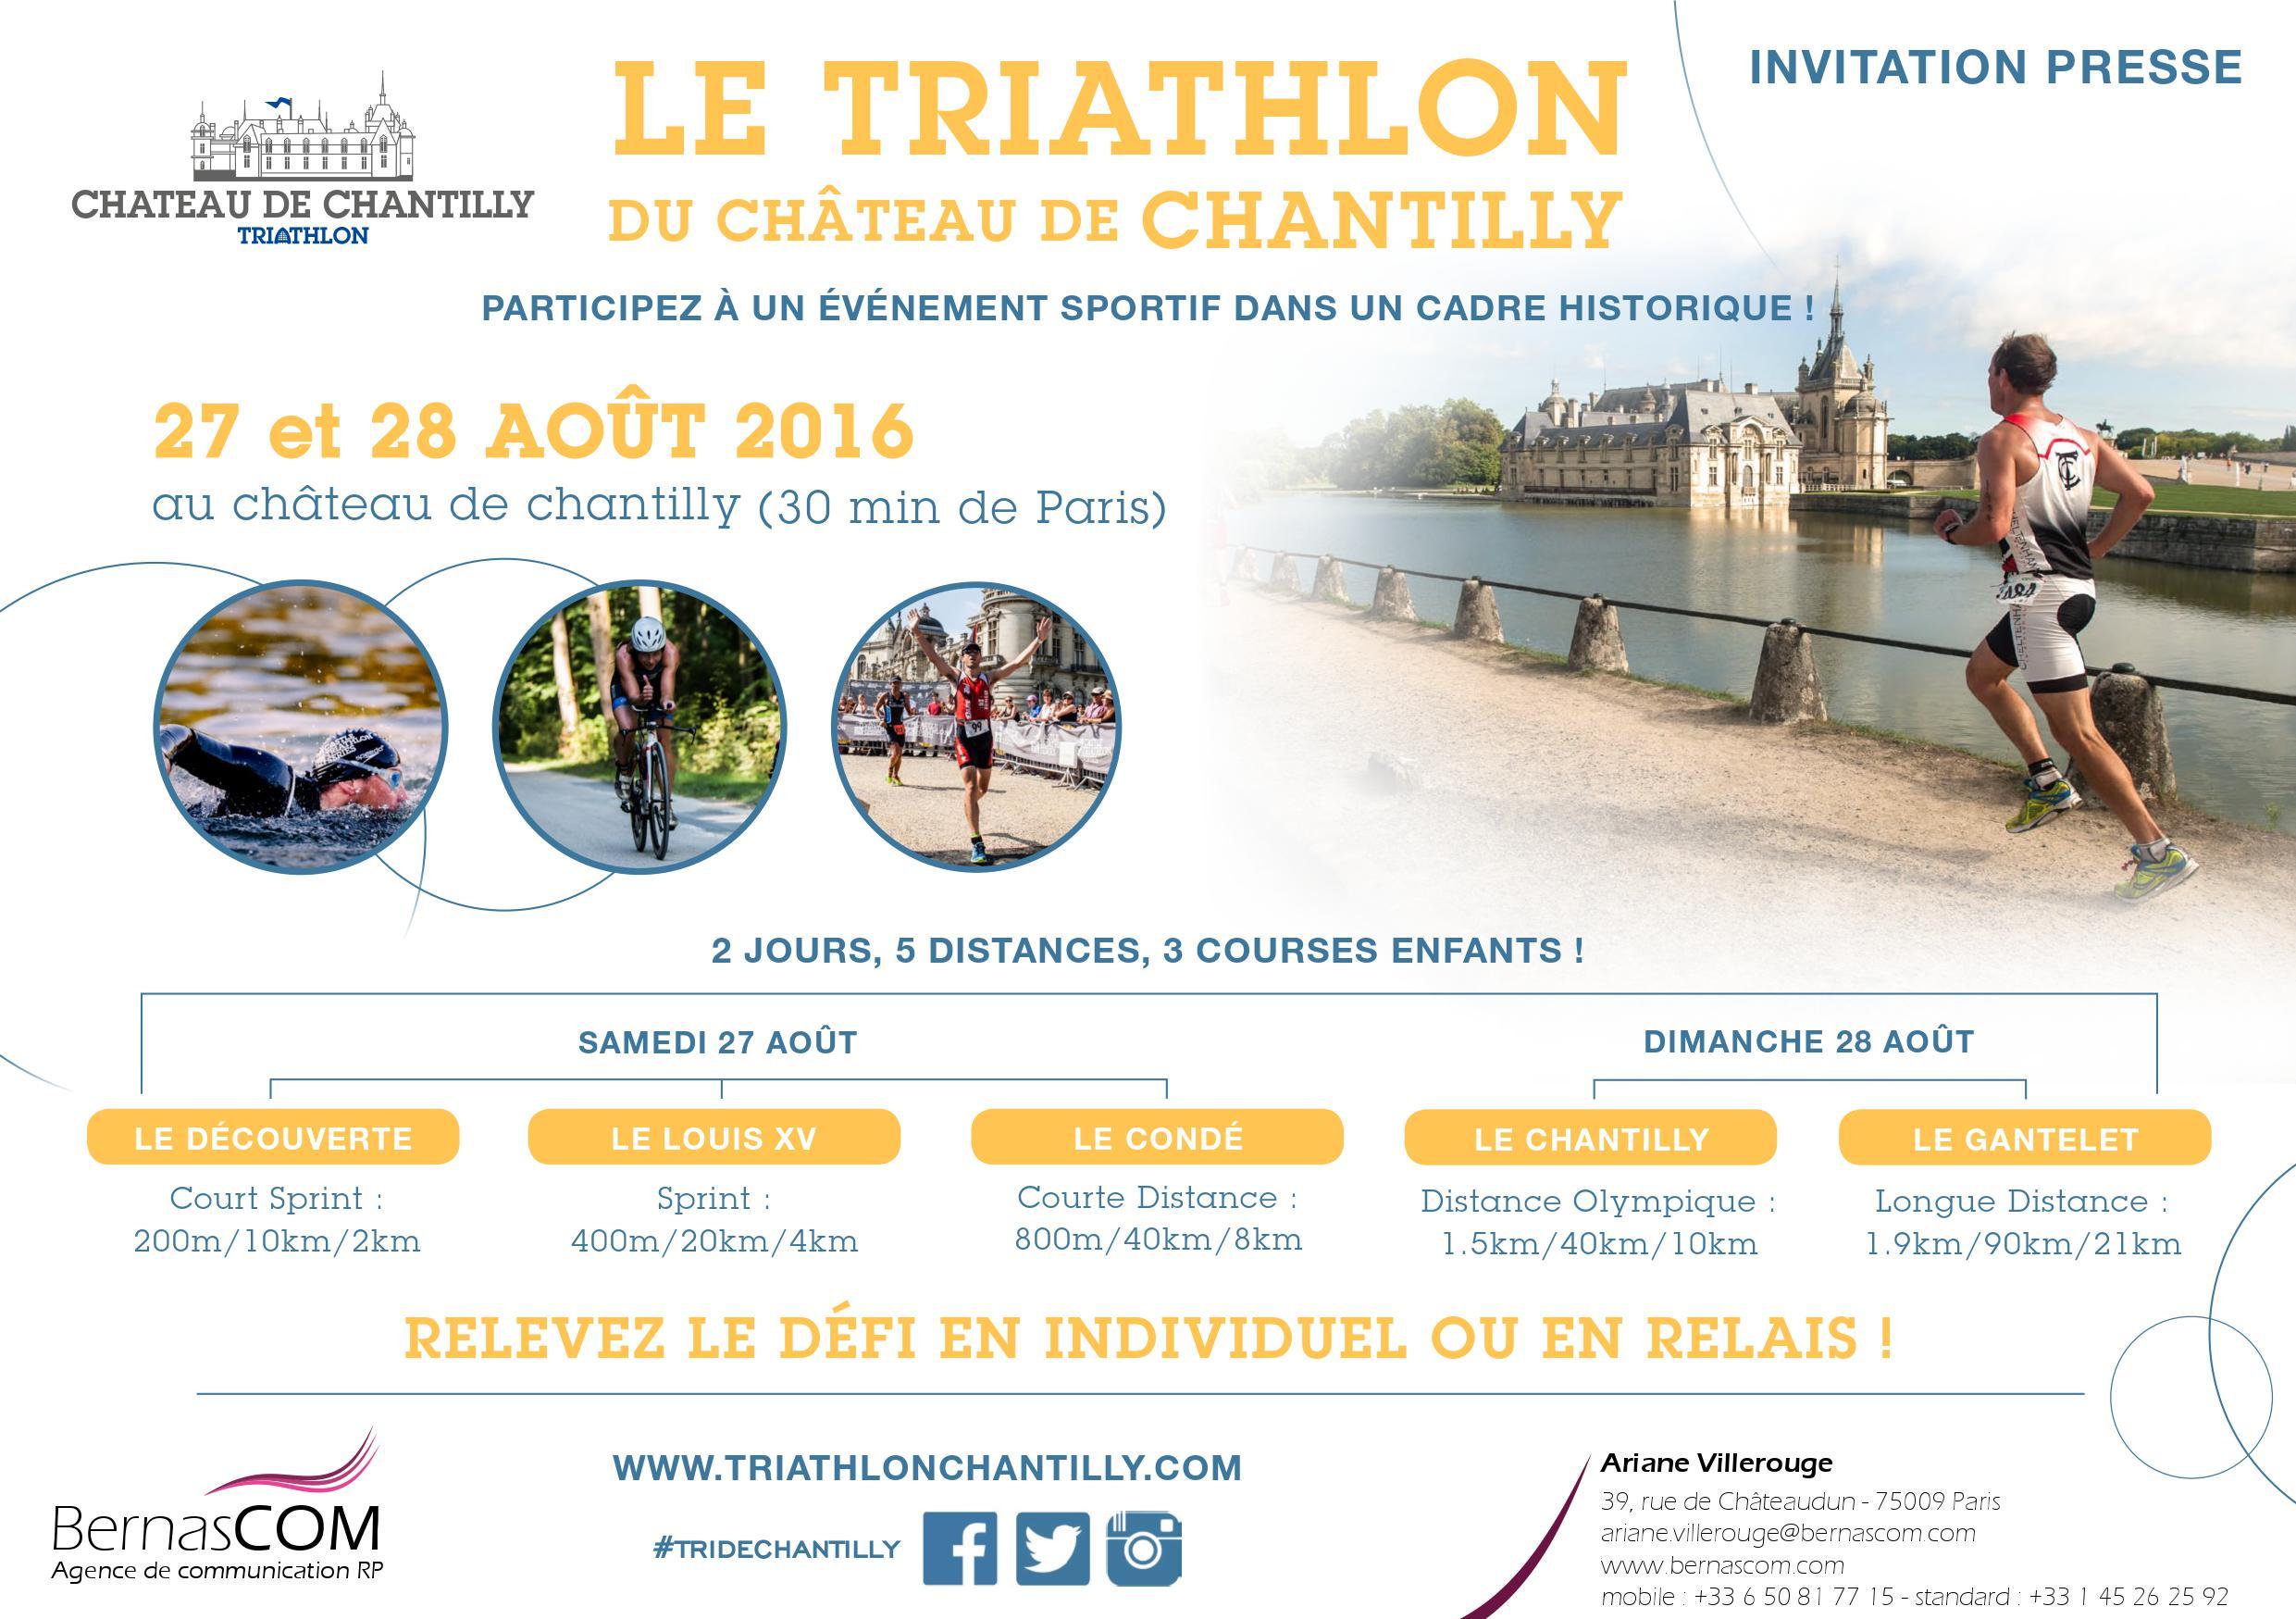 Triathlon de Chantilly les 27 et 28 Août 2016 !